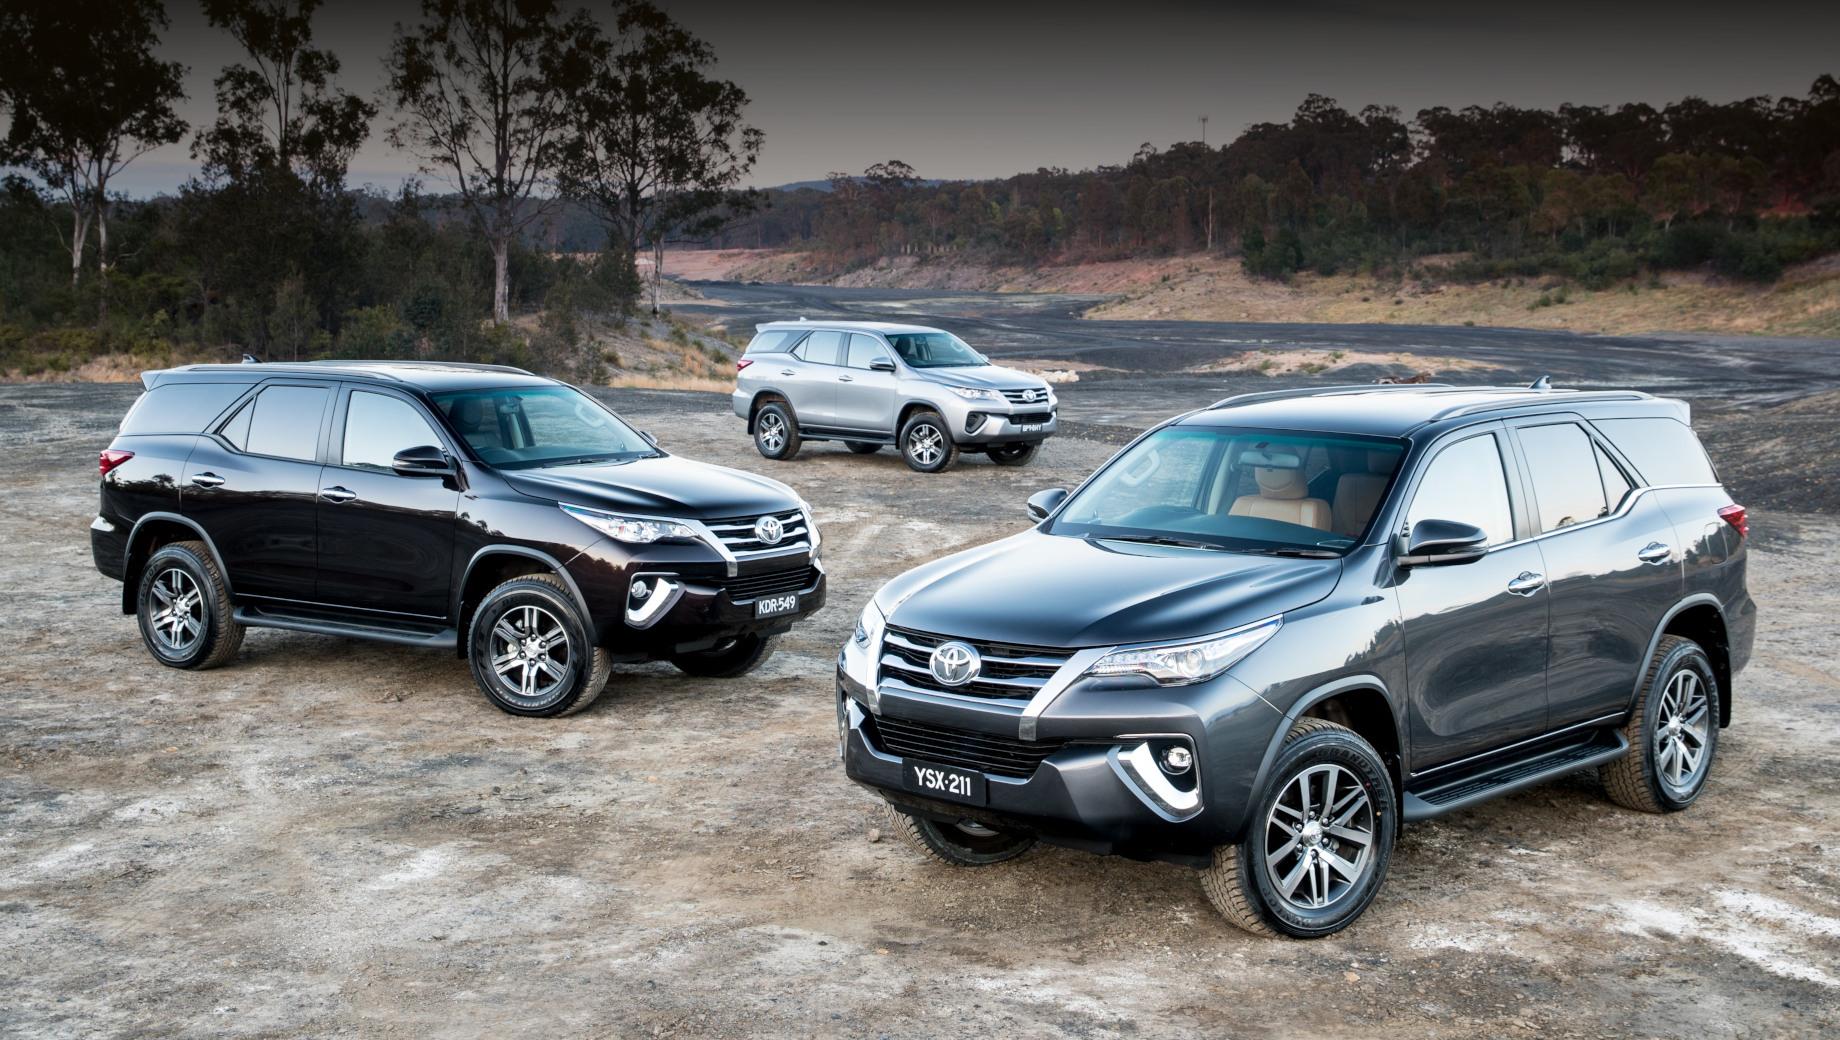 Внешность внедорожника Toyota Fortuner радикально перекроена